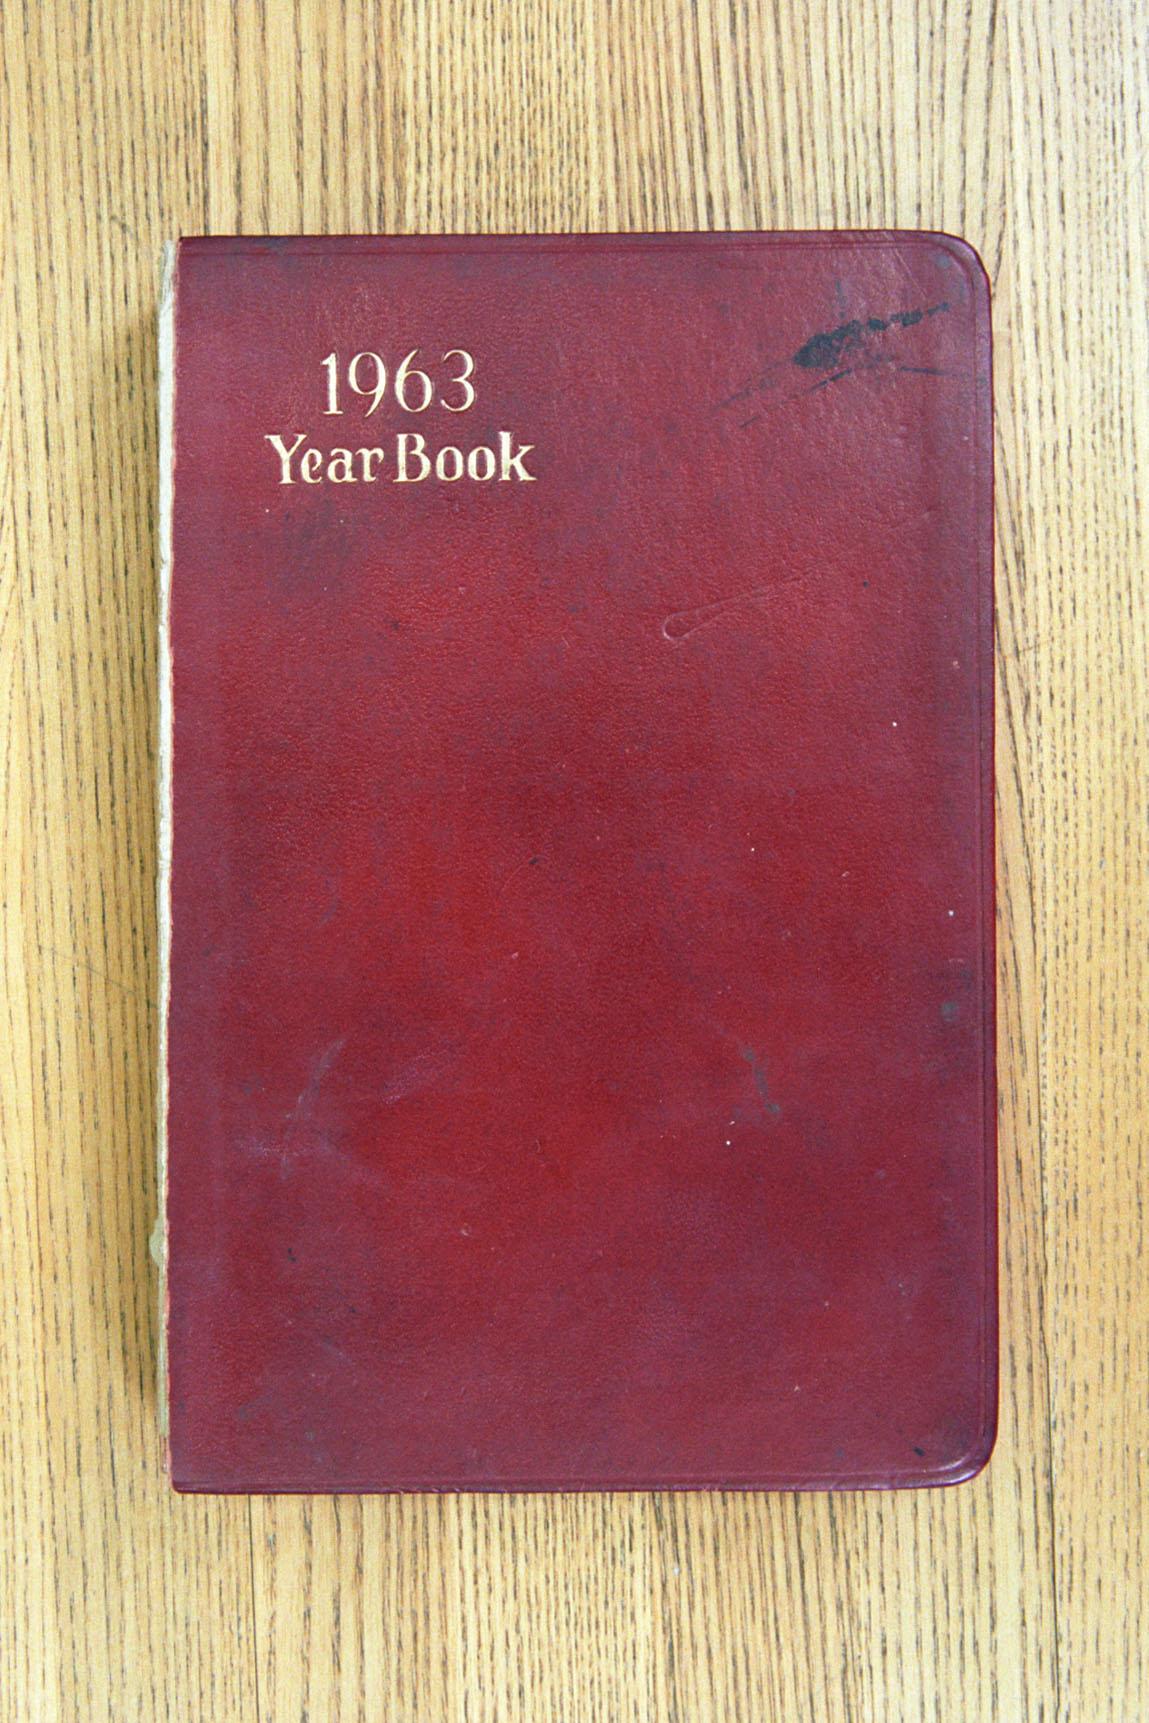 1963 Diary P02 13